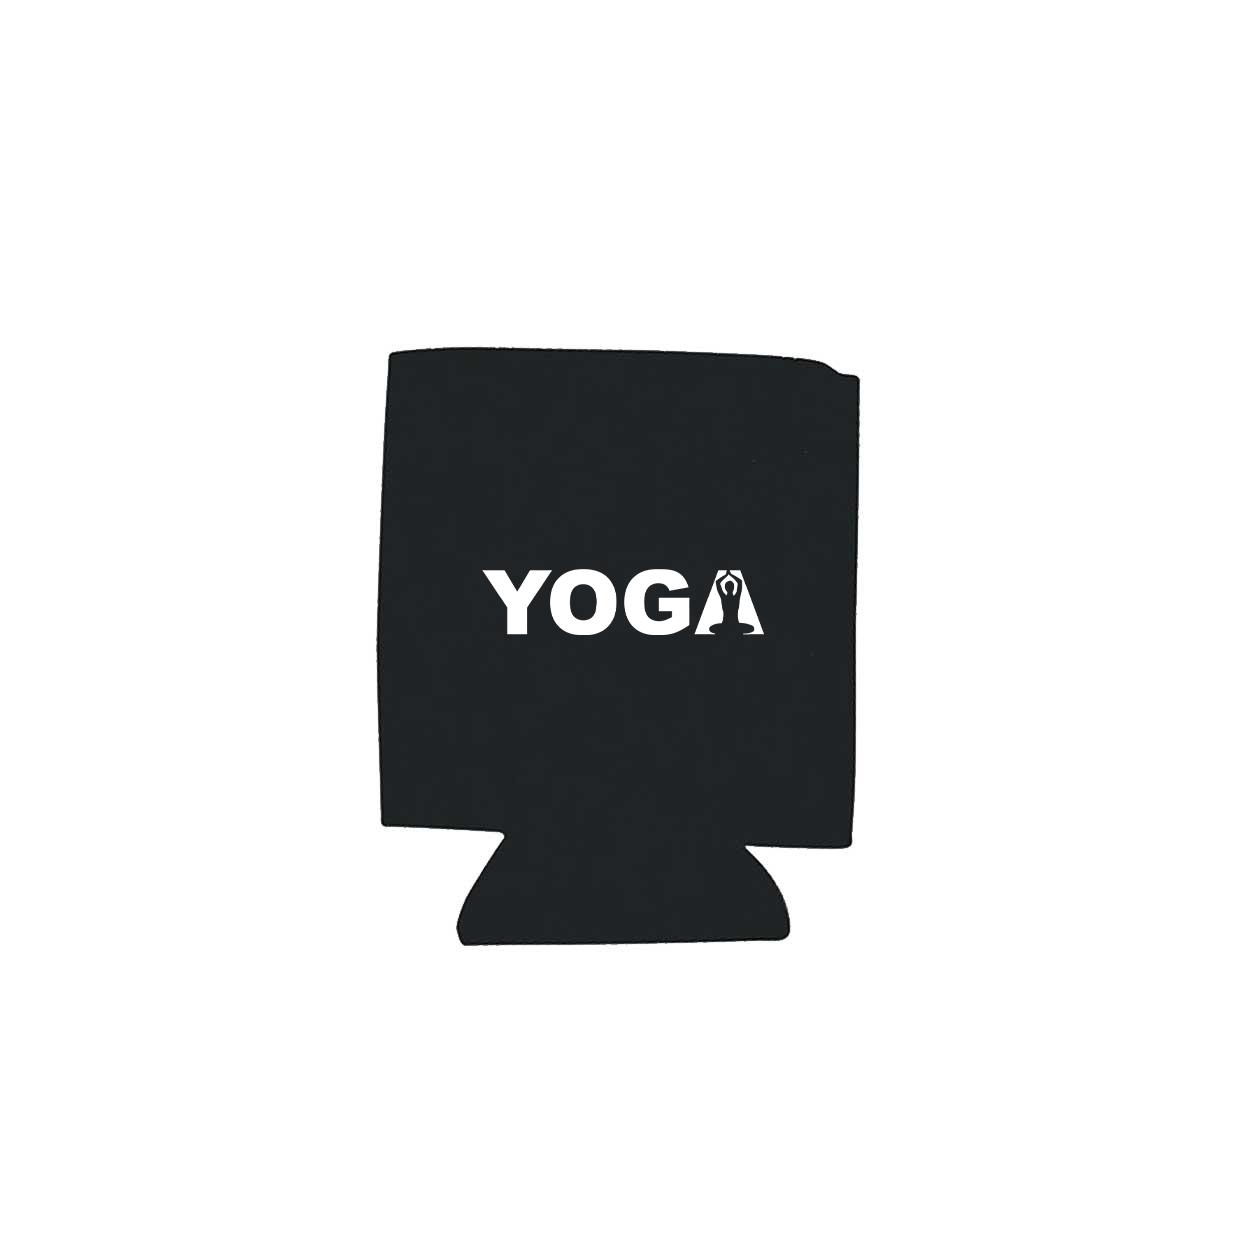 Yoga Meditation Logo Koozie Black (White Logo)